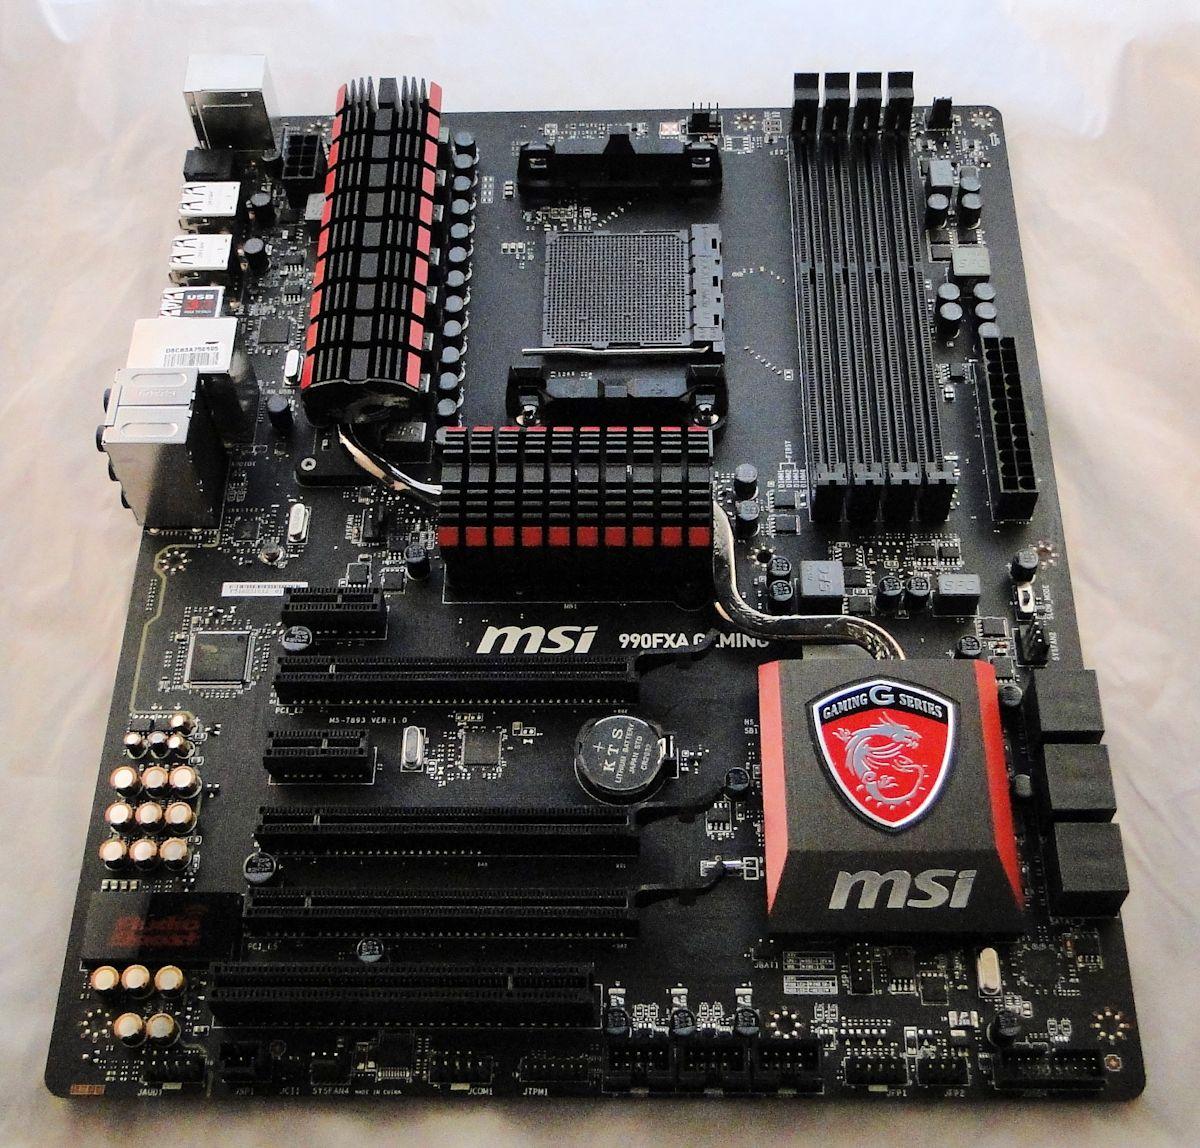 990fxa-04.jpg